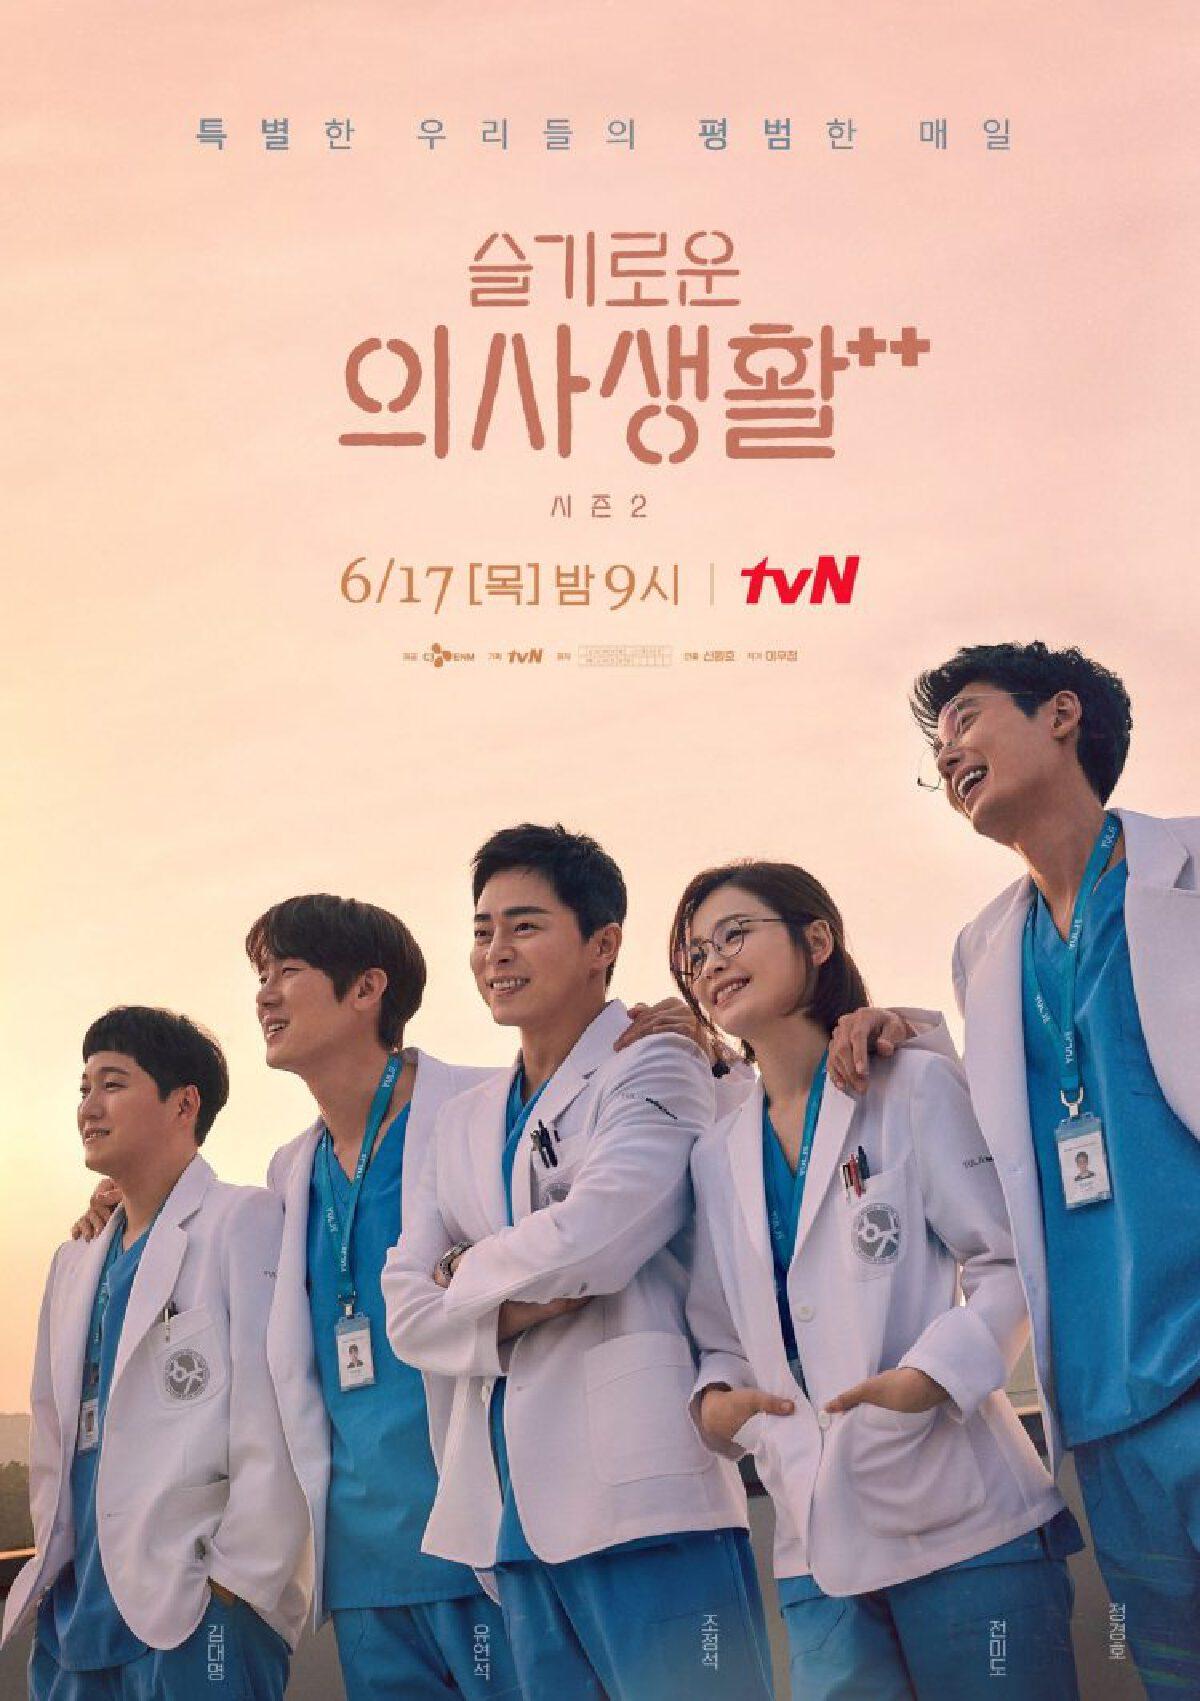 หน้าปกซีรีส์ Hospital Playlist season 2